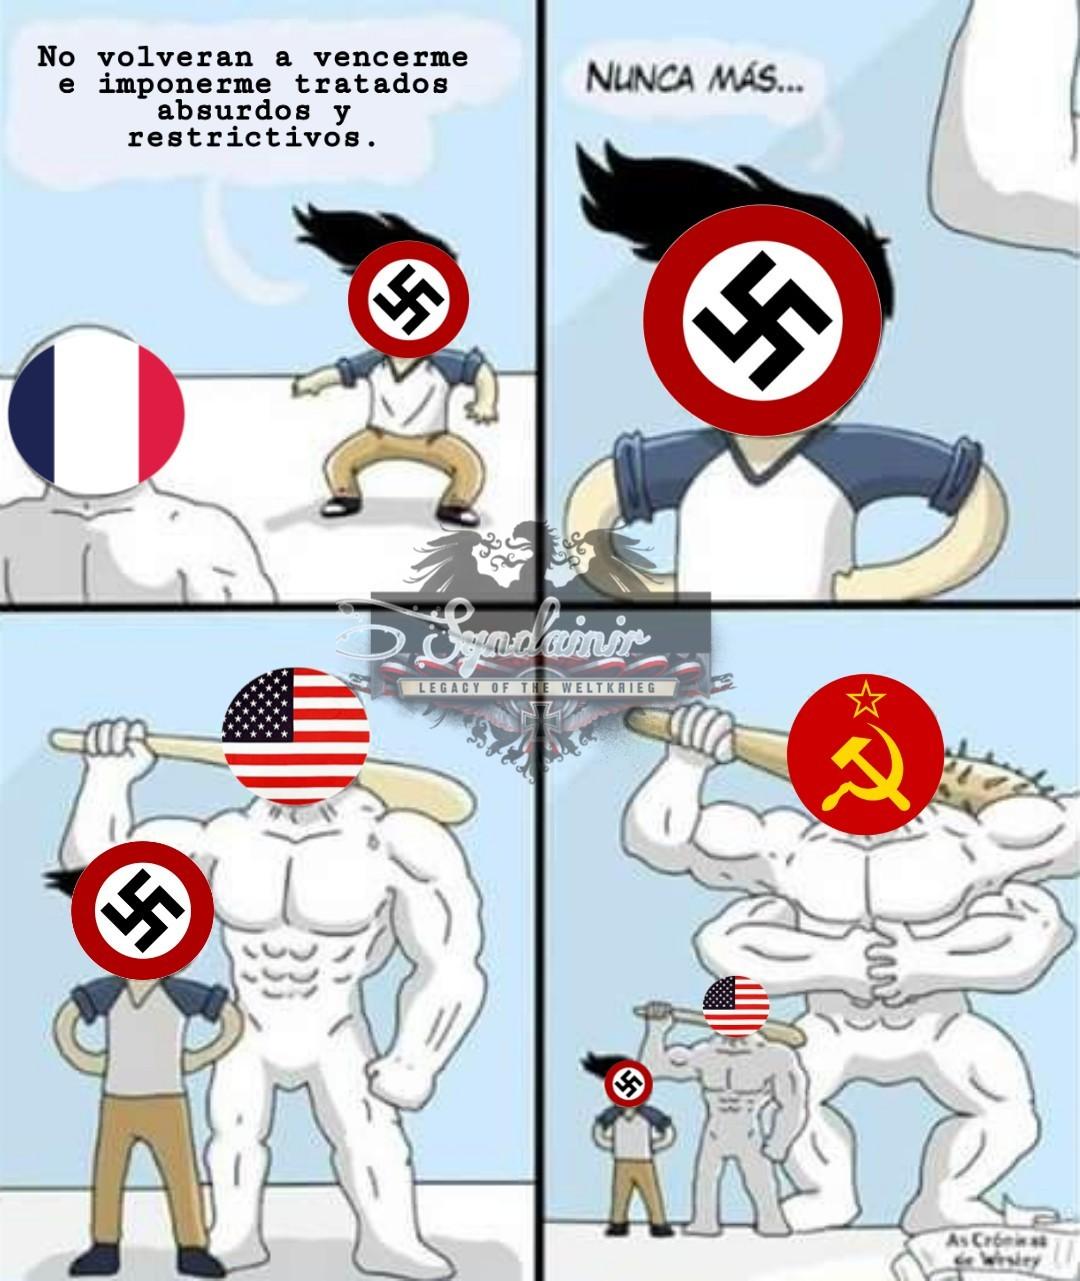 ¿Quien fue más fundamental para la victoria? ¿USA o La URSS? - meme